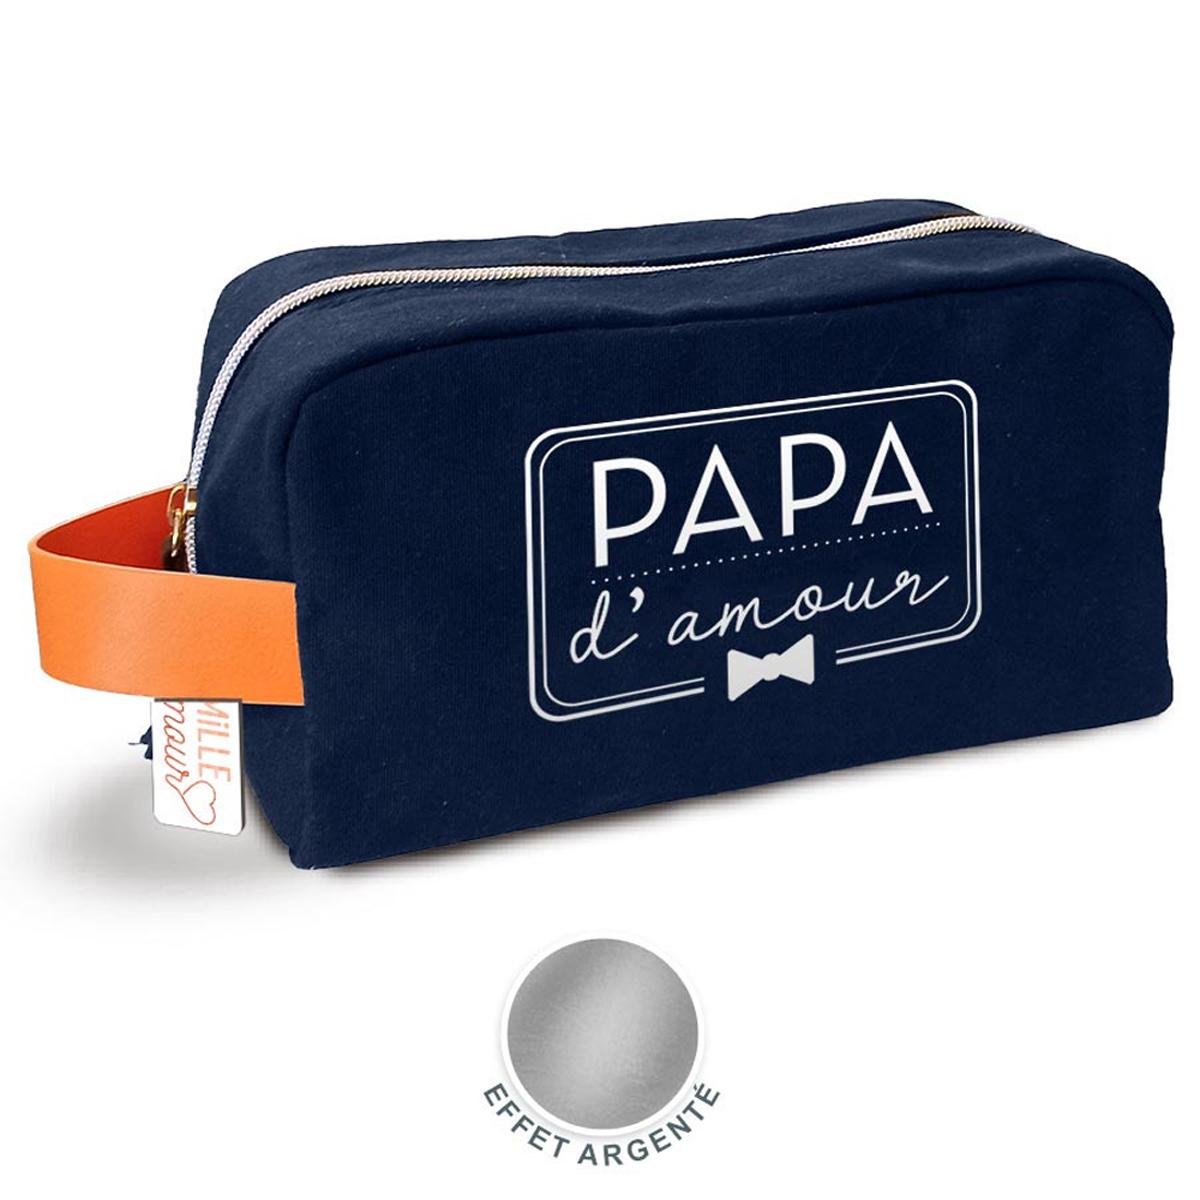 Trousse de toilette créateur \'Papa d\'amour\' marine - 22x12x10 cm - [A1861]